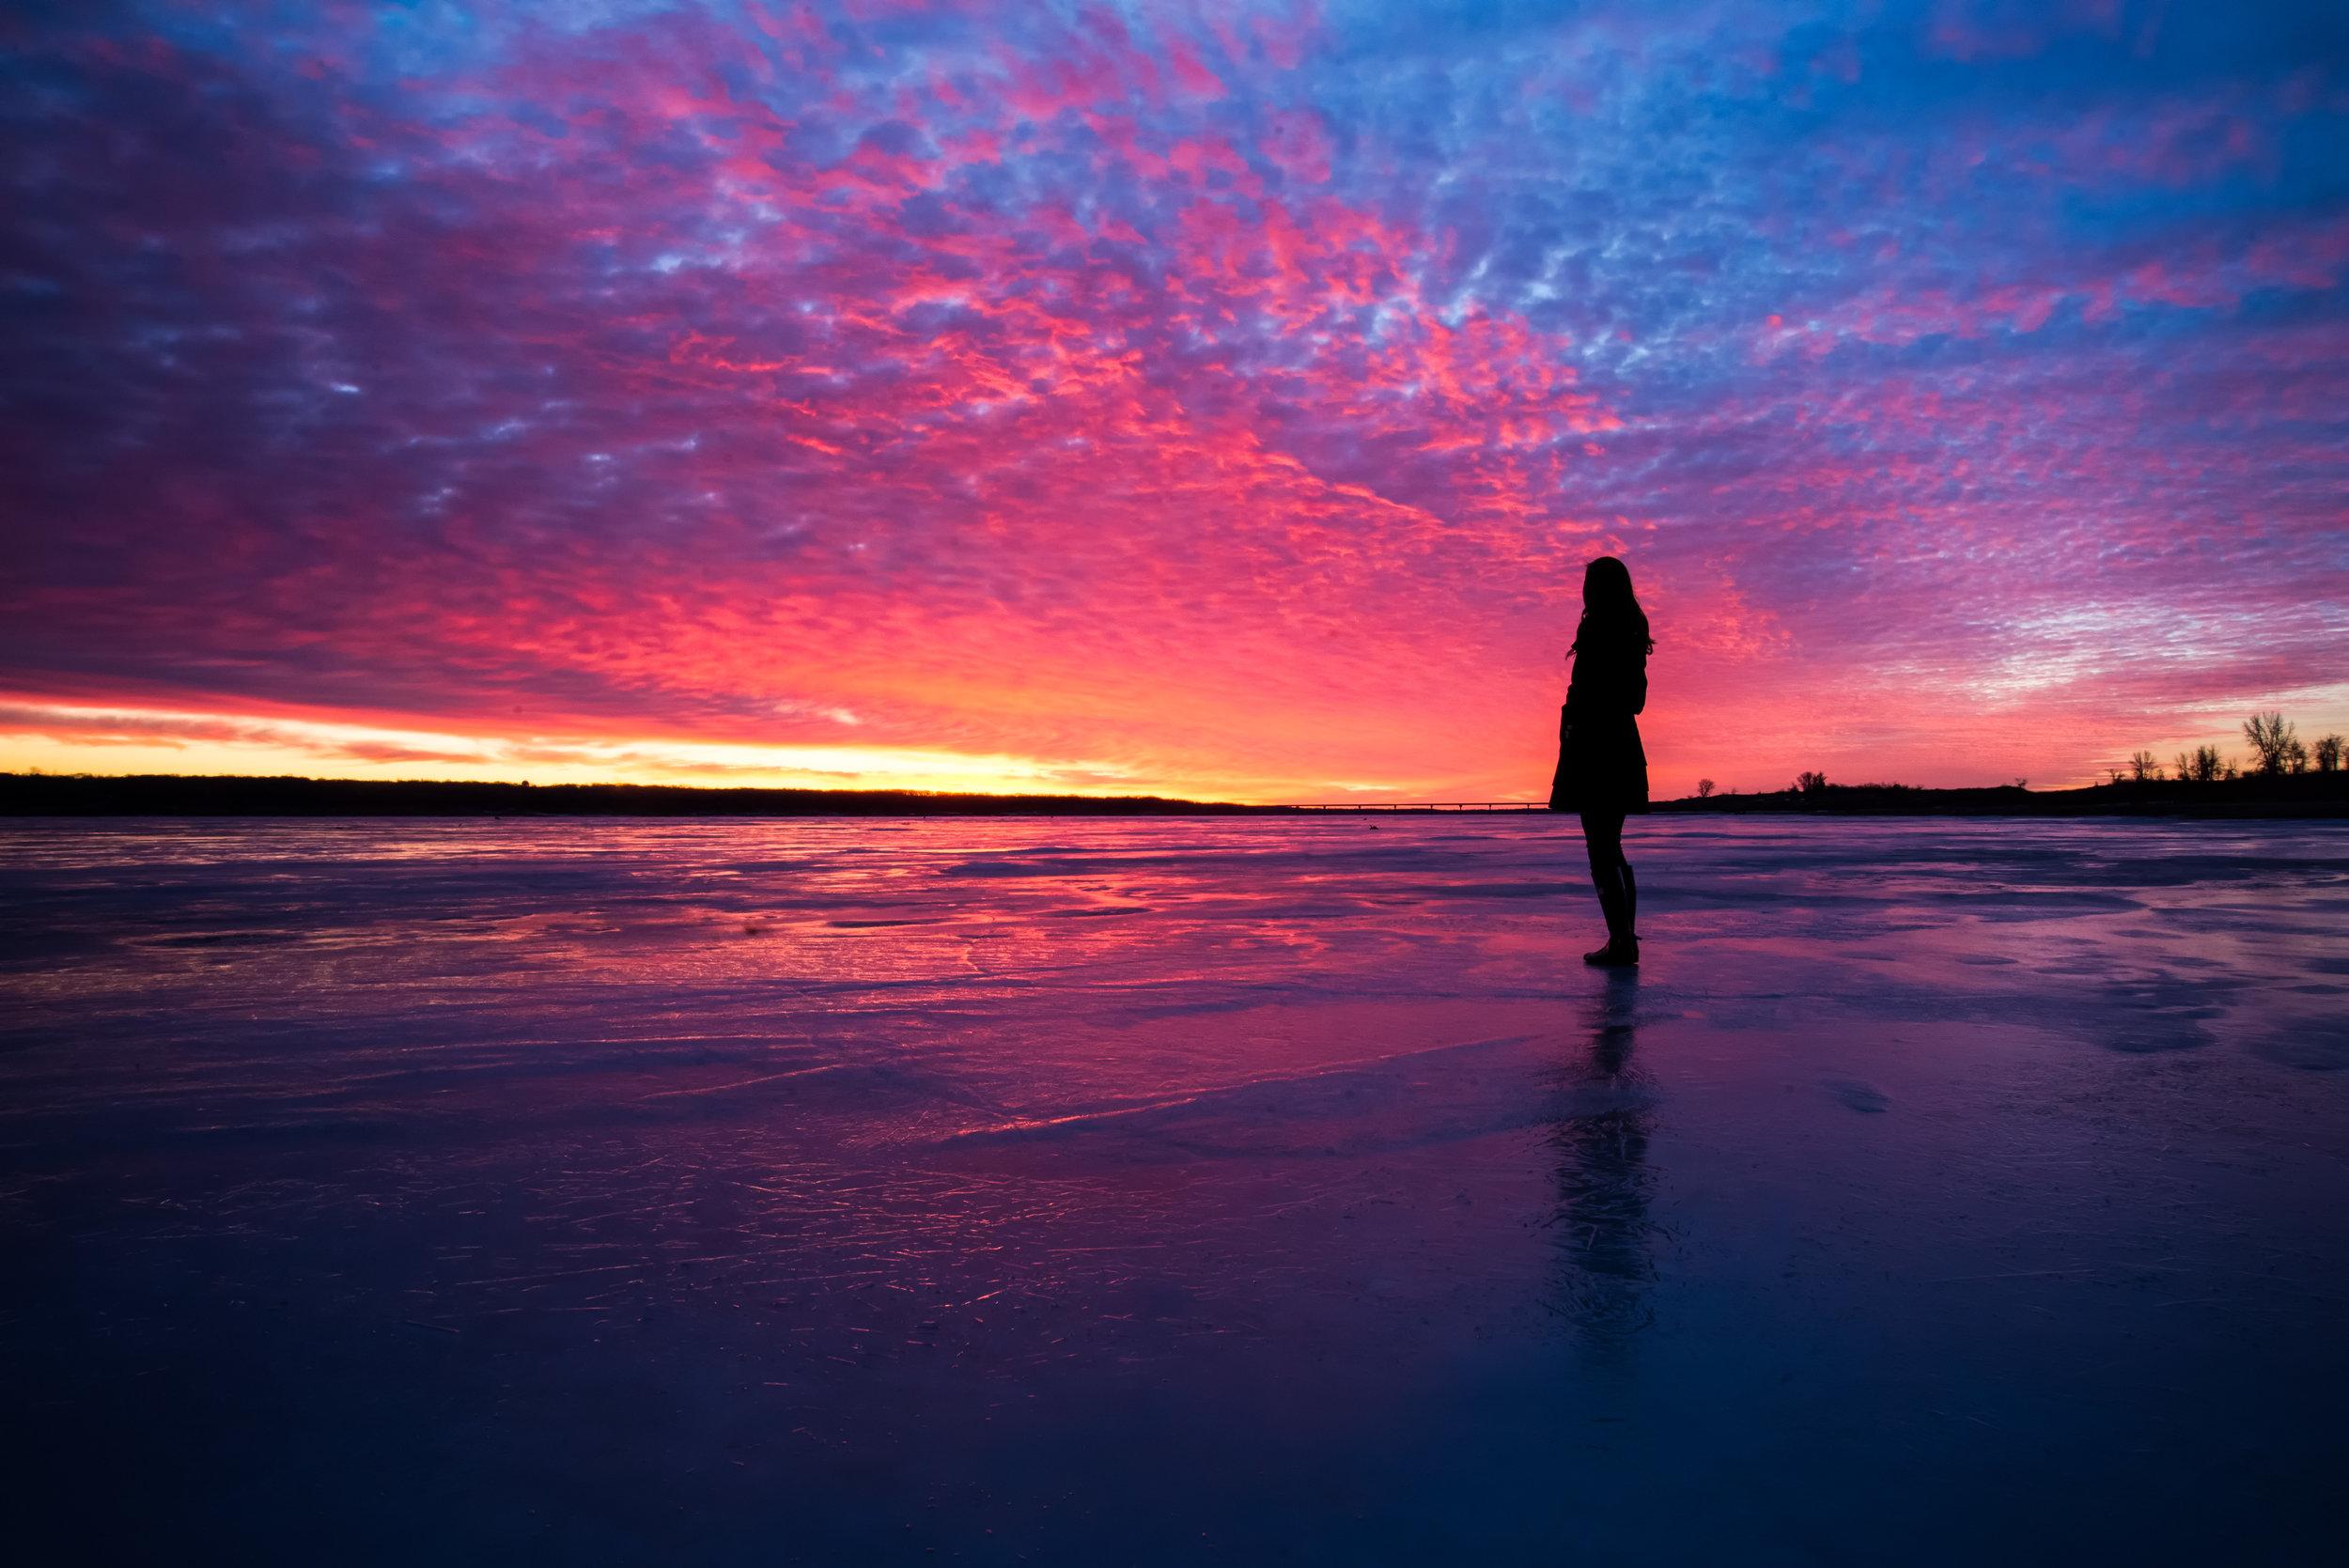 jesterpark_sunrise-17-Edit-Edit-Edit-Edit.jpg